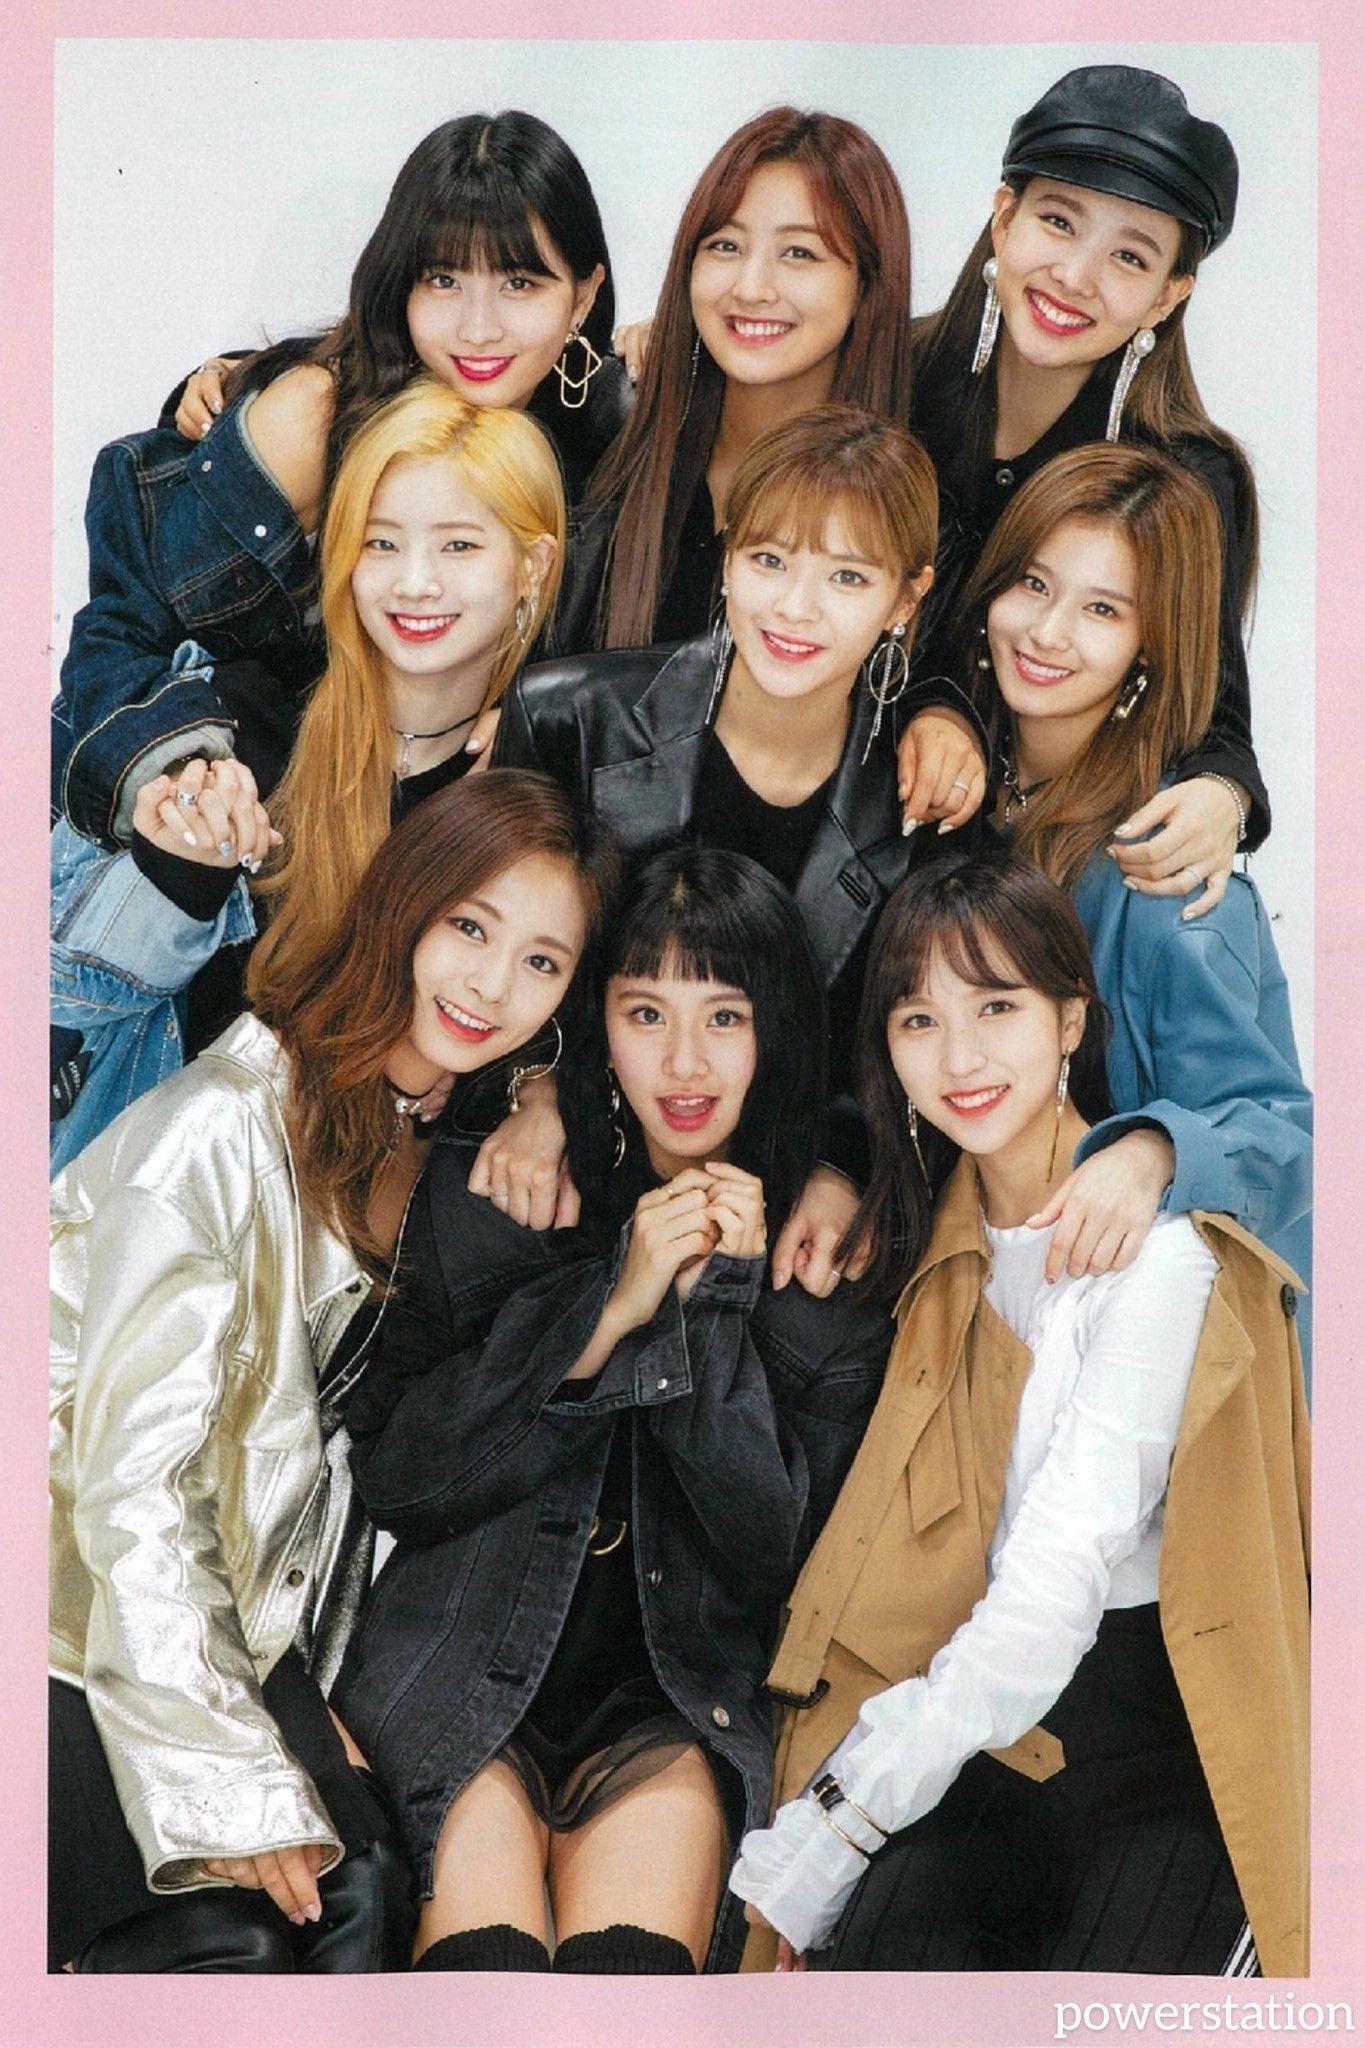 Top 9 nhóm nhạc giàu nhất Kpop: Hạng 1 là nhân vật ai cũng biết là ai, vị trí của BLACKPINK so với DBSK gây bất ngờ - Ảnh 8.